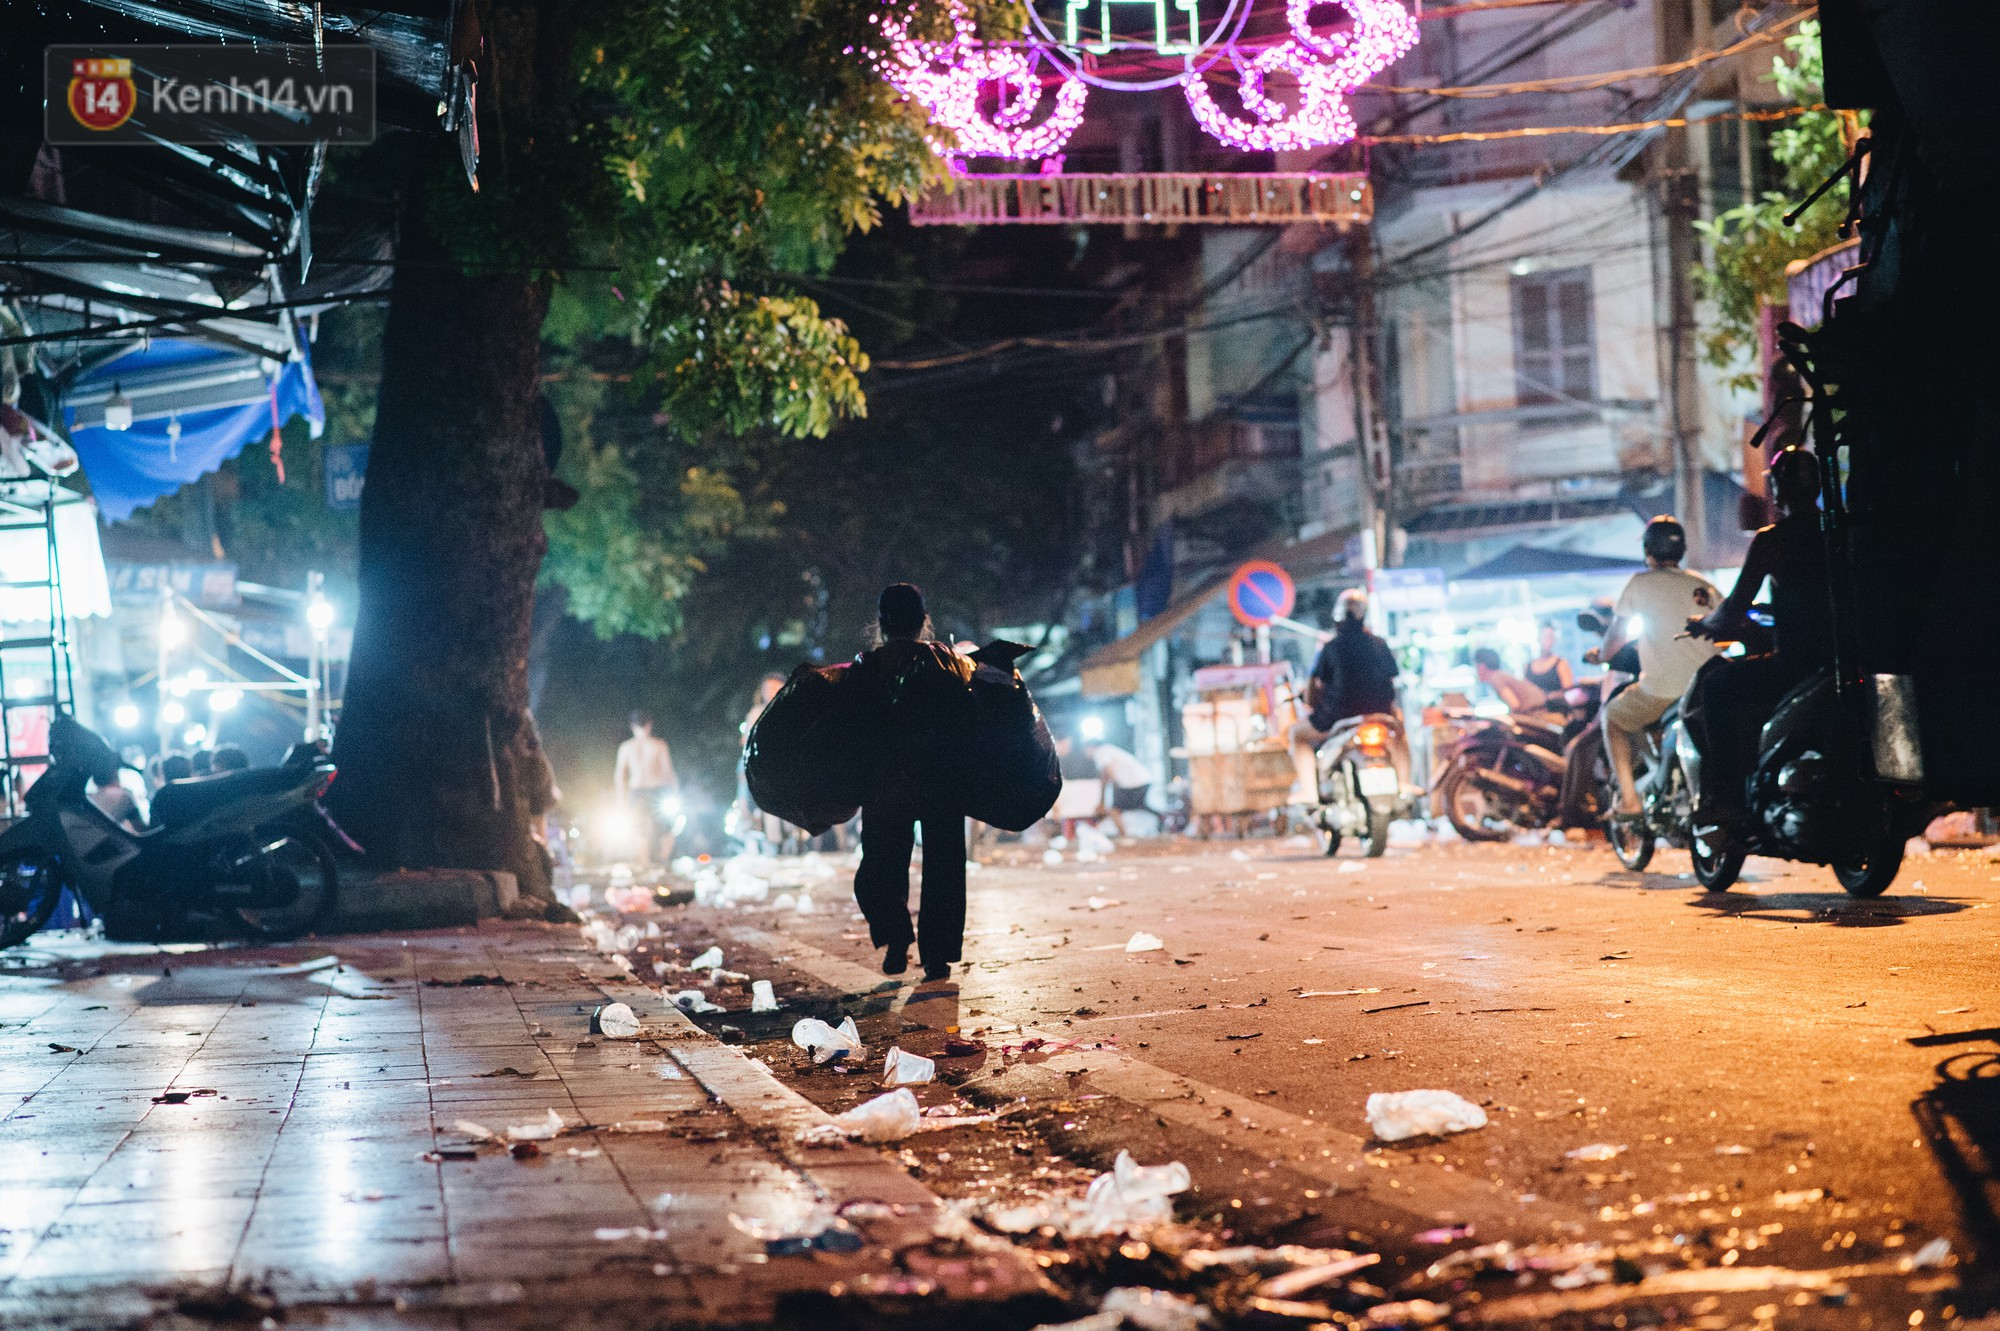 Sau Trung Thu, chợ truyền thống ở Hà nội ngập trong rác thải - Ảnh 15.